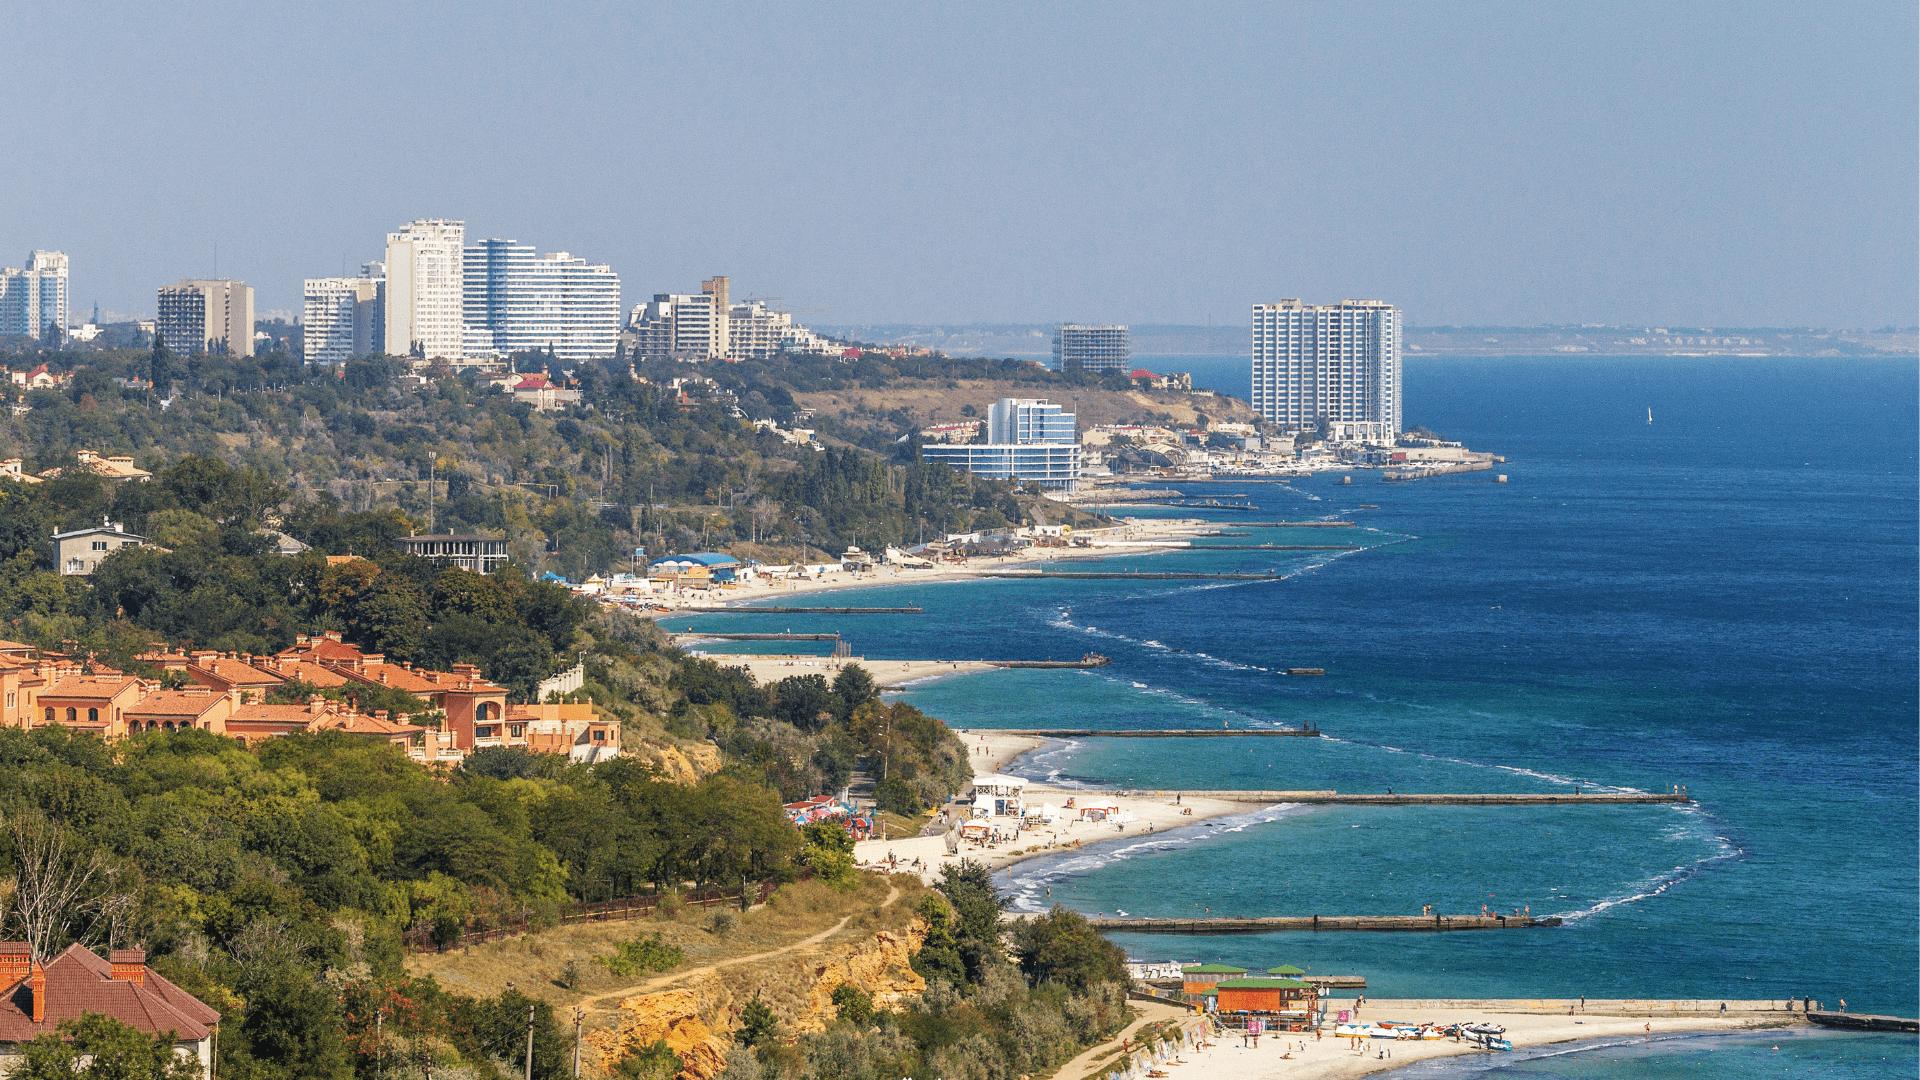 Odesą skalauja Juodoji jūra